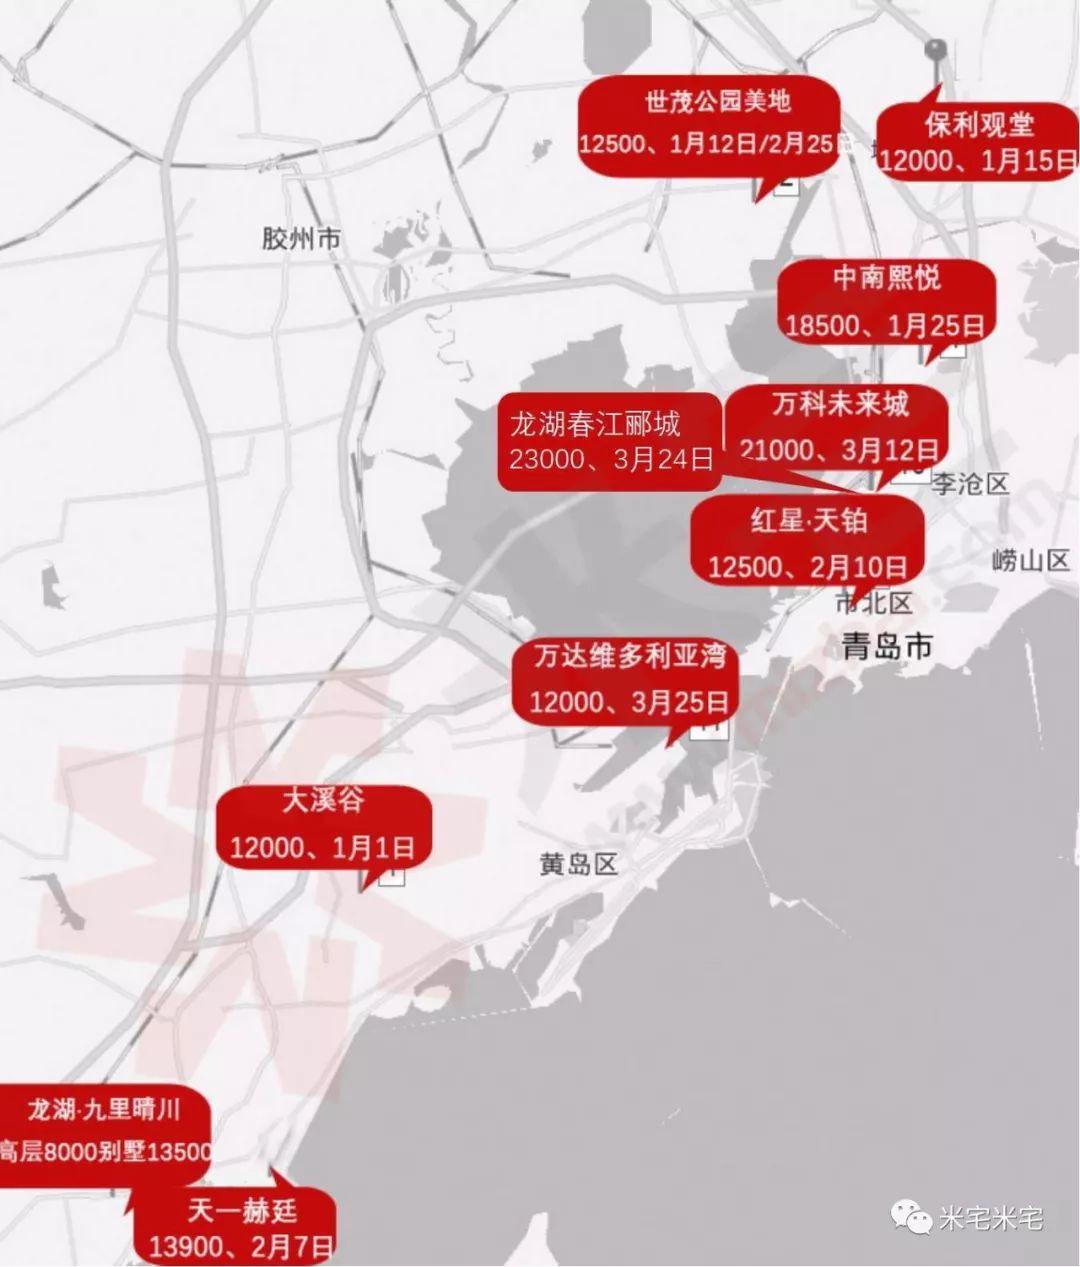 【重磅】第一季度,热点城市清盘项目分布图盘点!